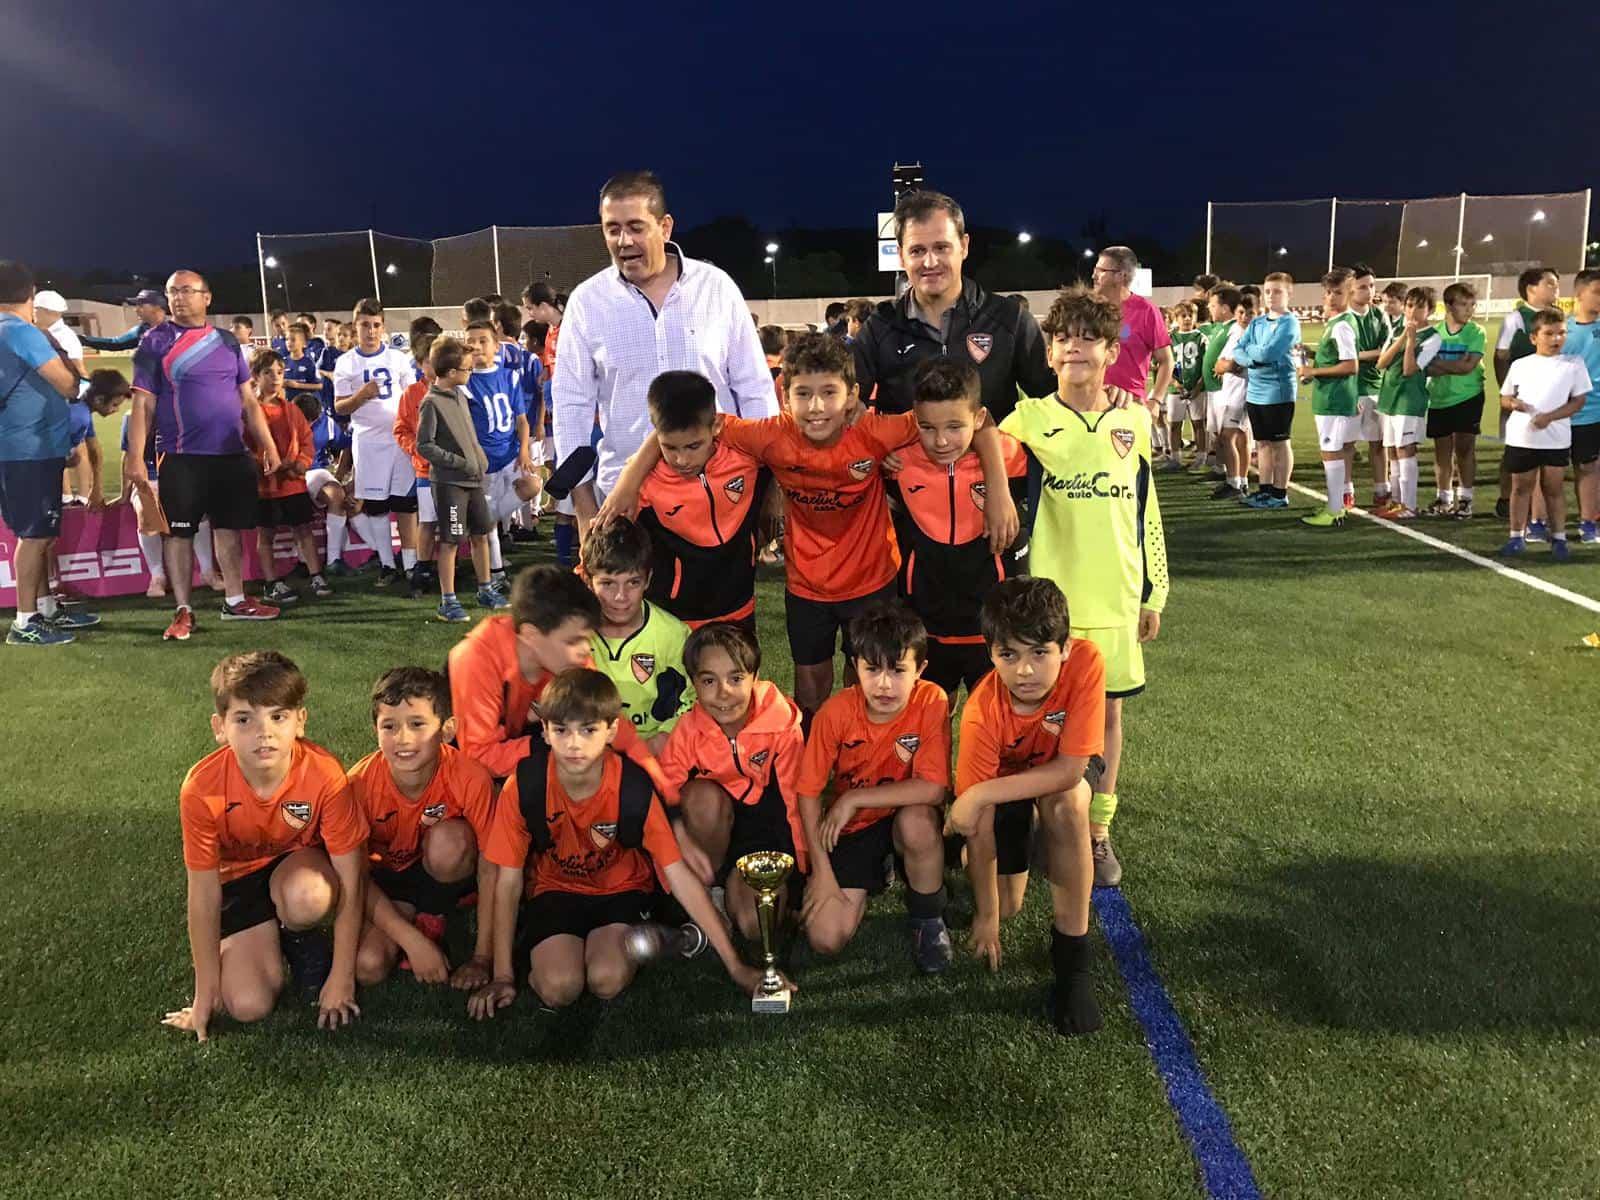 """VII Torneo futbol 8 soledad herencia 6 - Más de 300 chavales se dieron cita en el VIII Torneo de Fútbol-8 """"Virgen de la Soledad"""""""